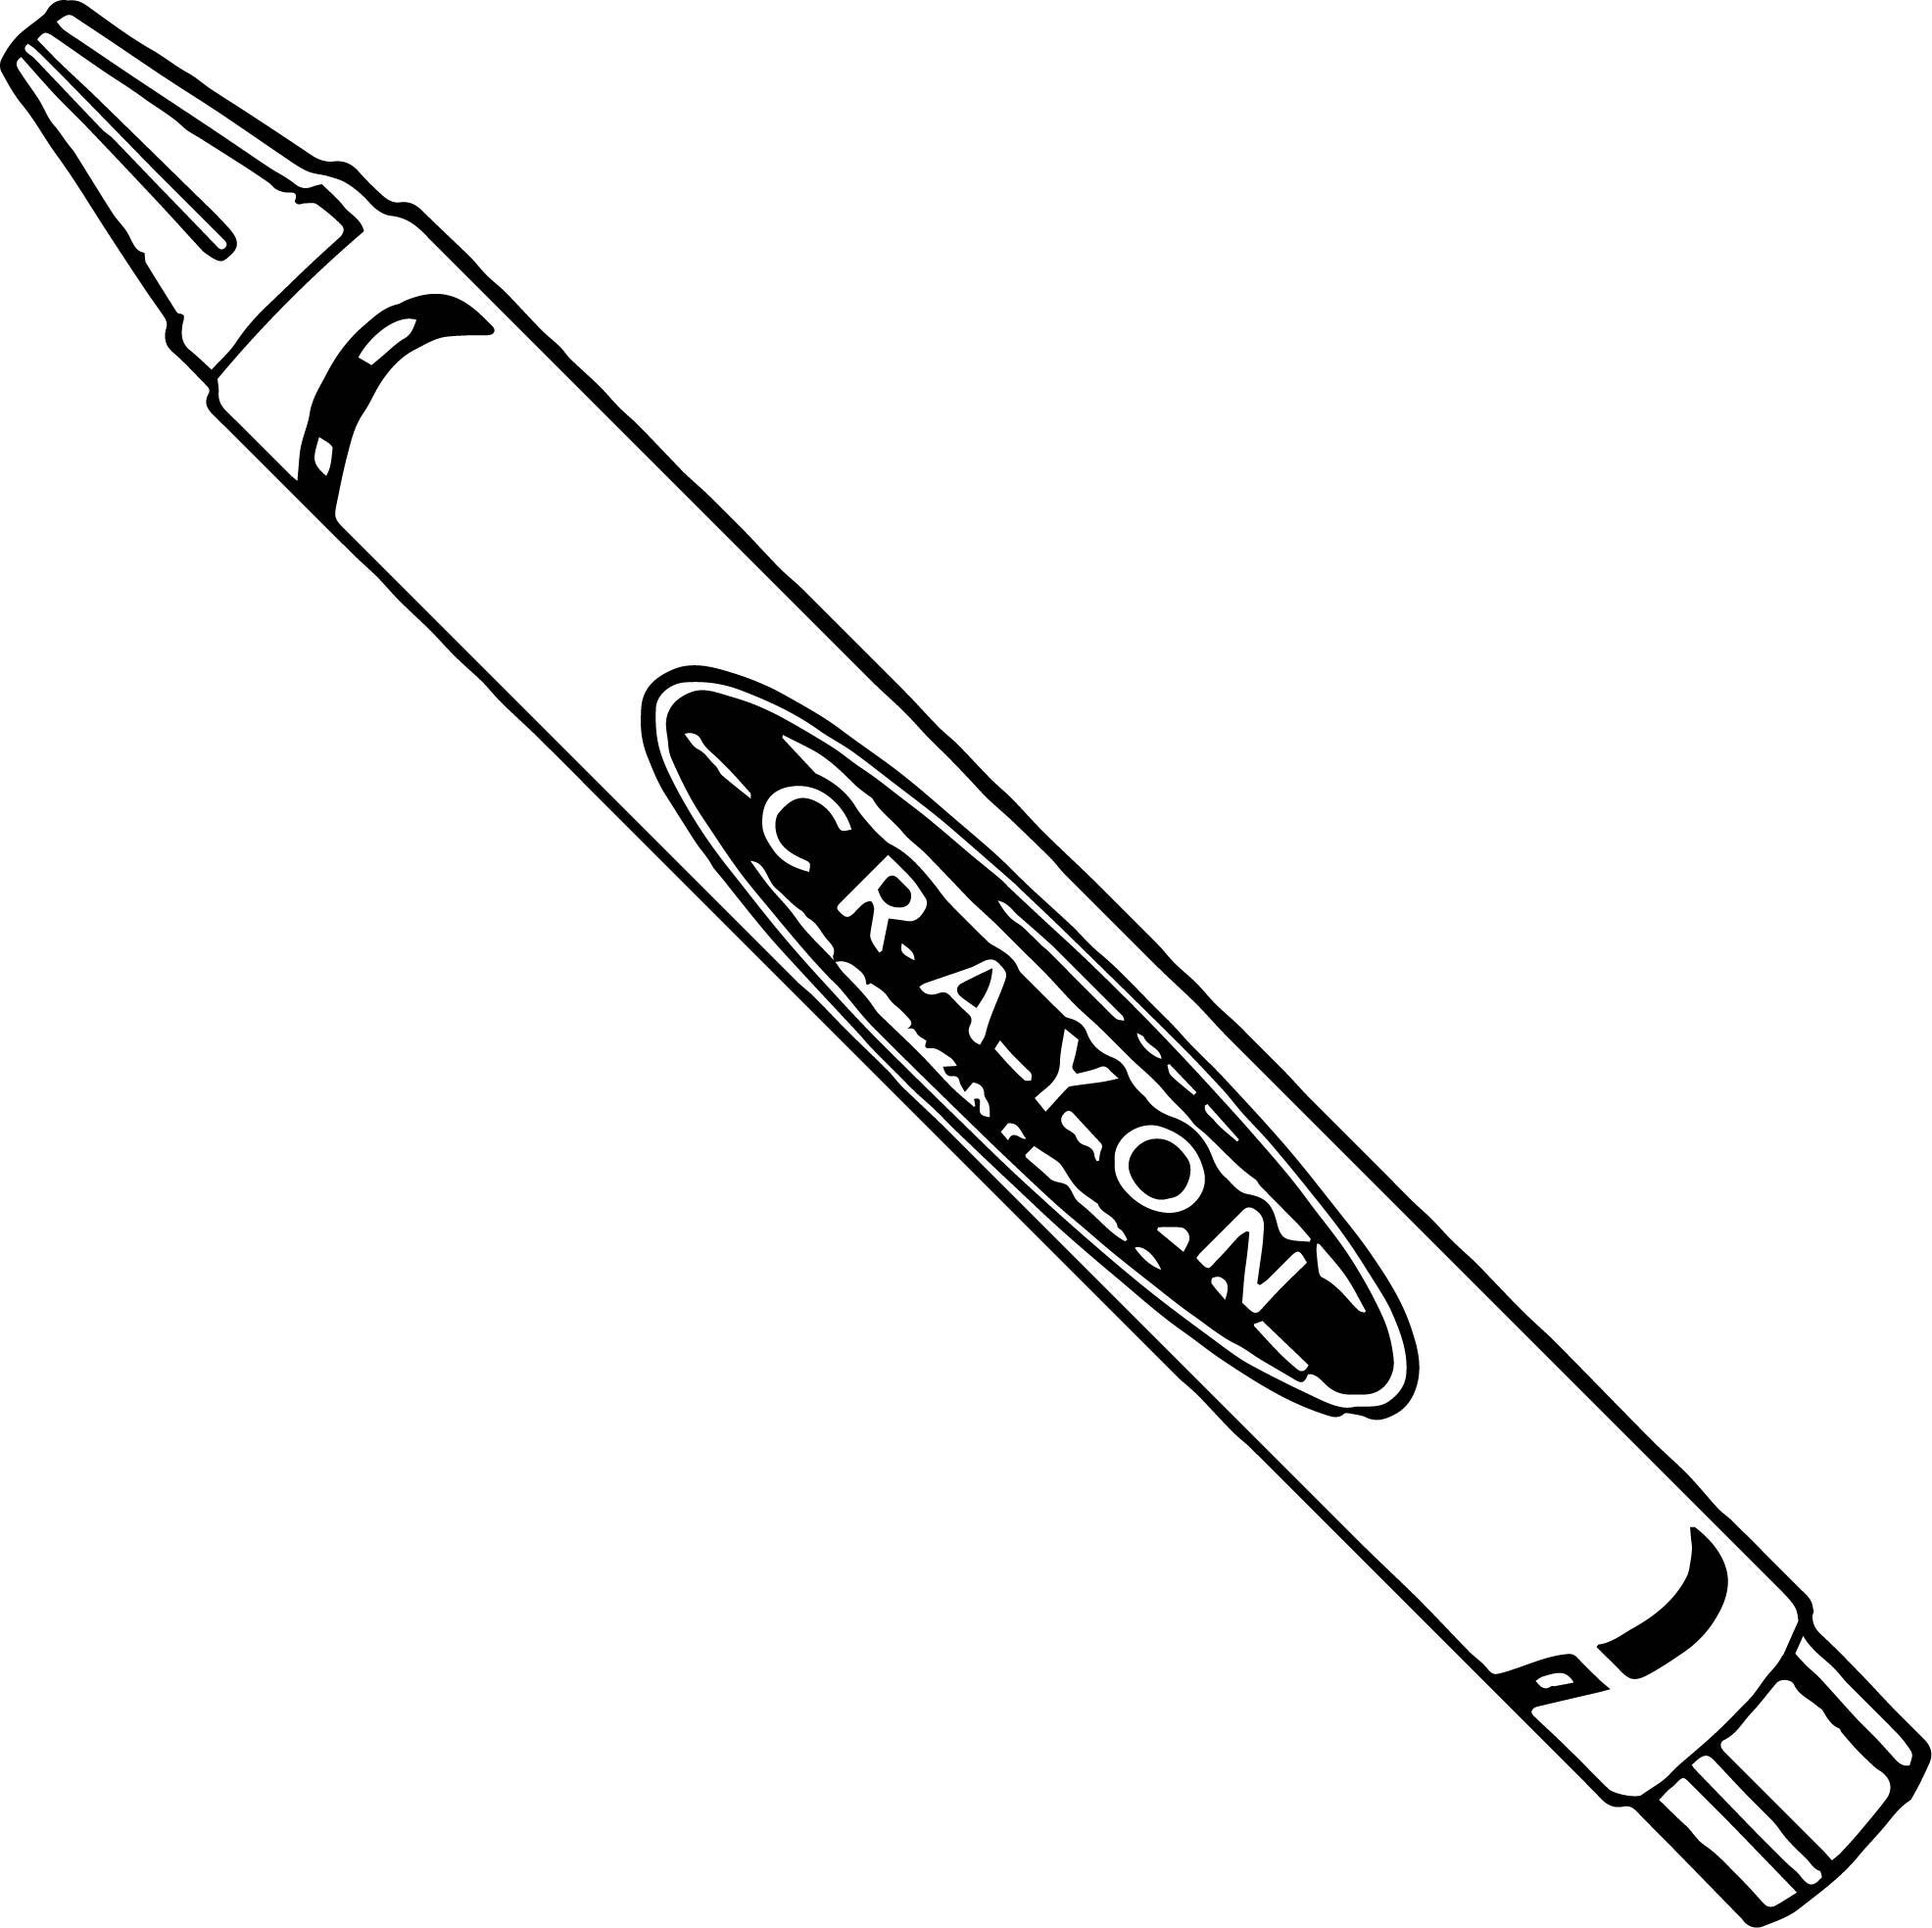 Crayon We Coloring Page 097